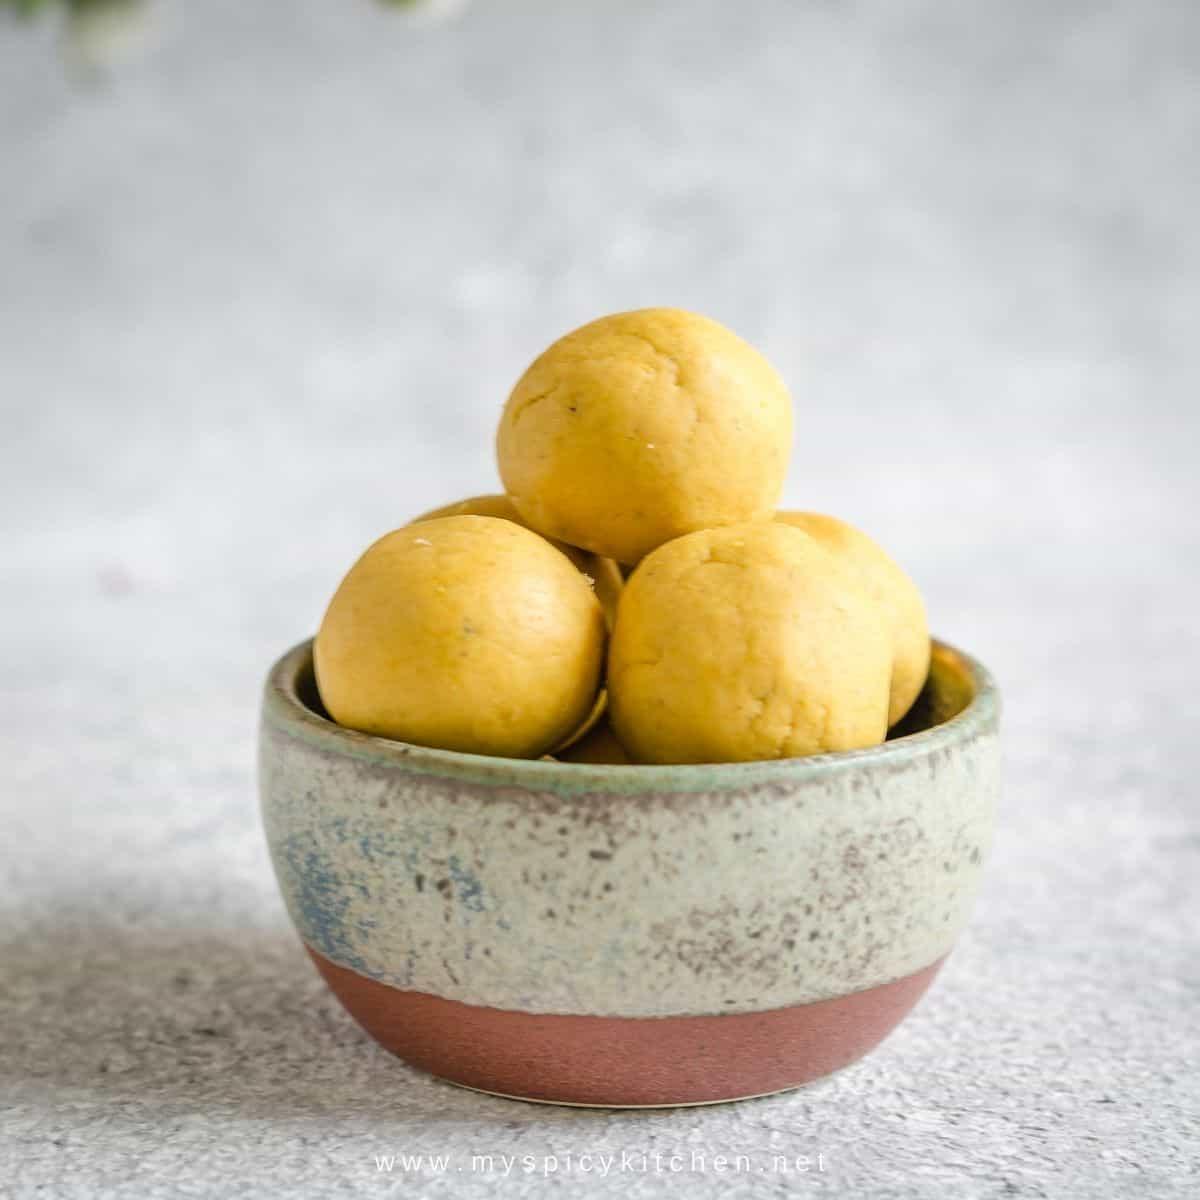 A bowl of senaga pappu laddulu.